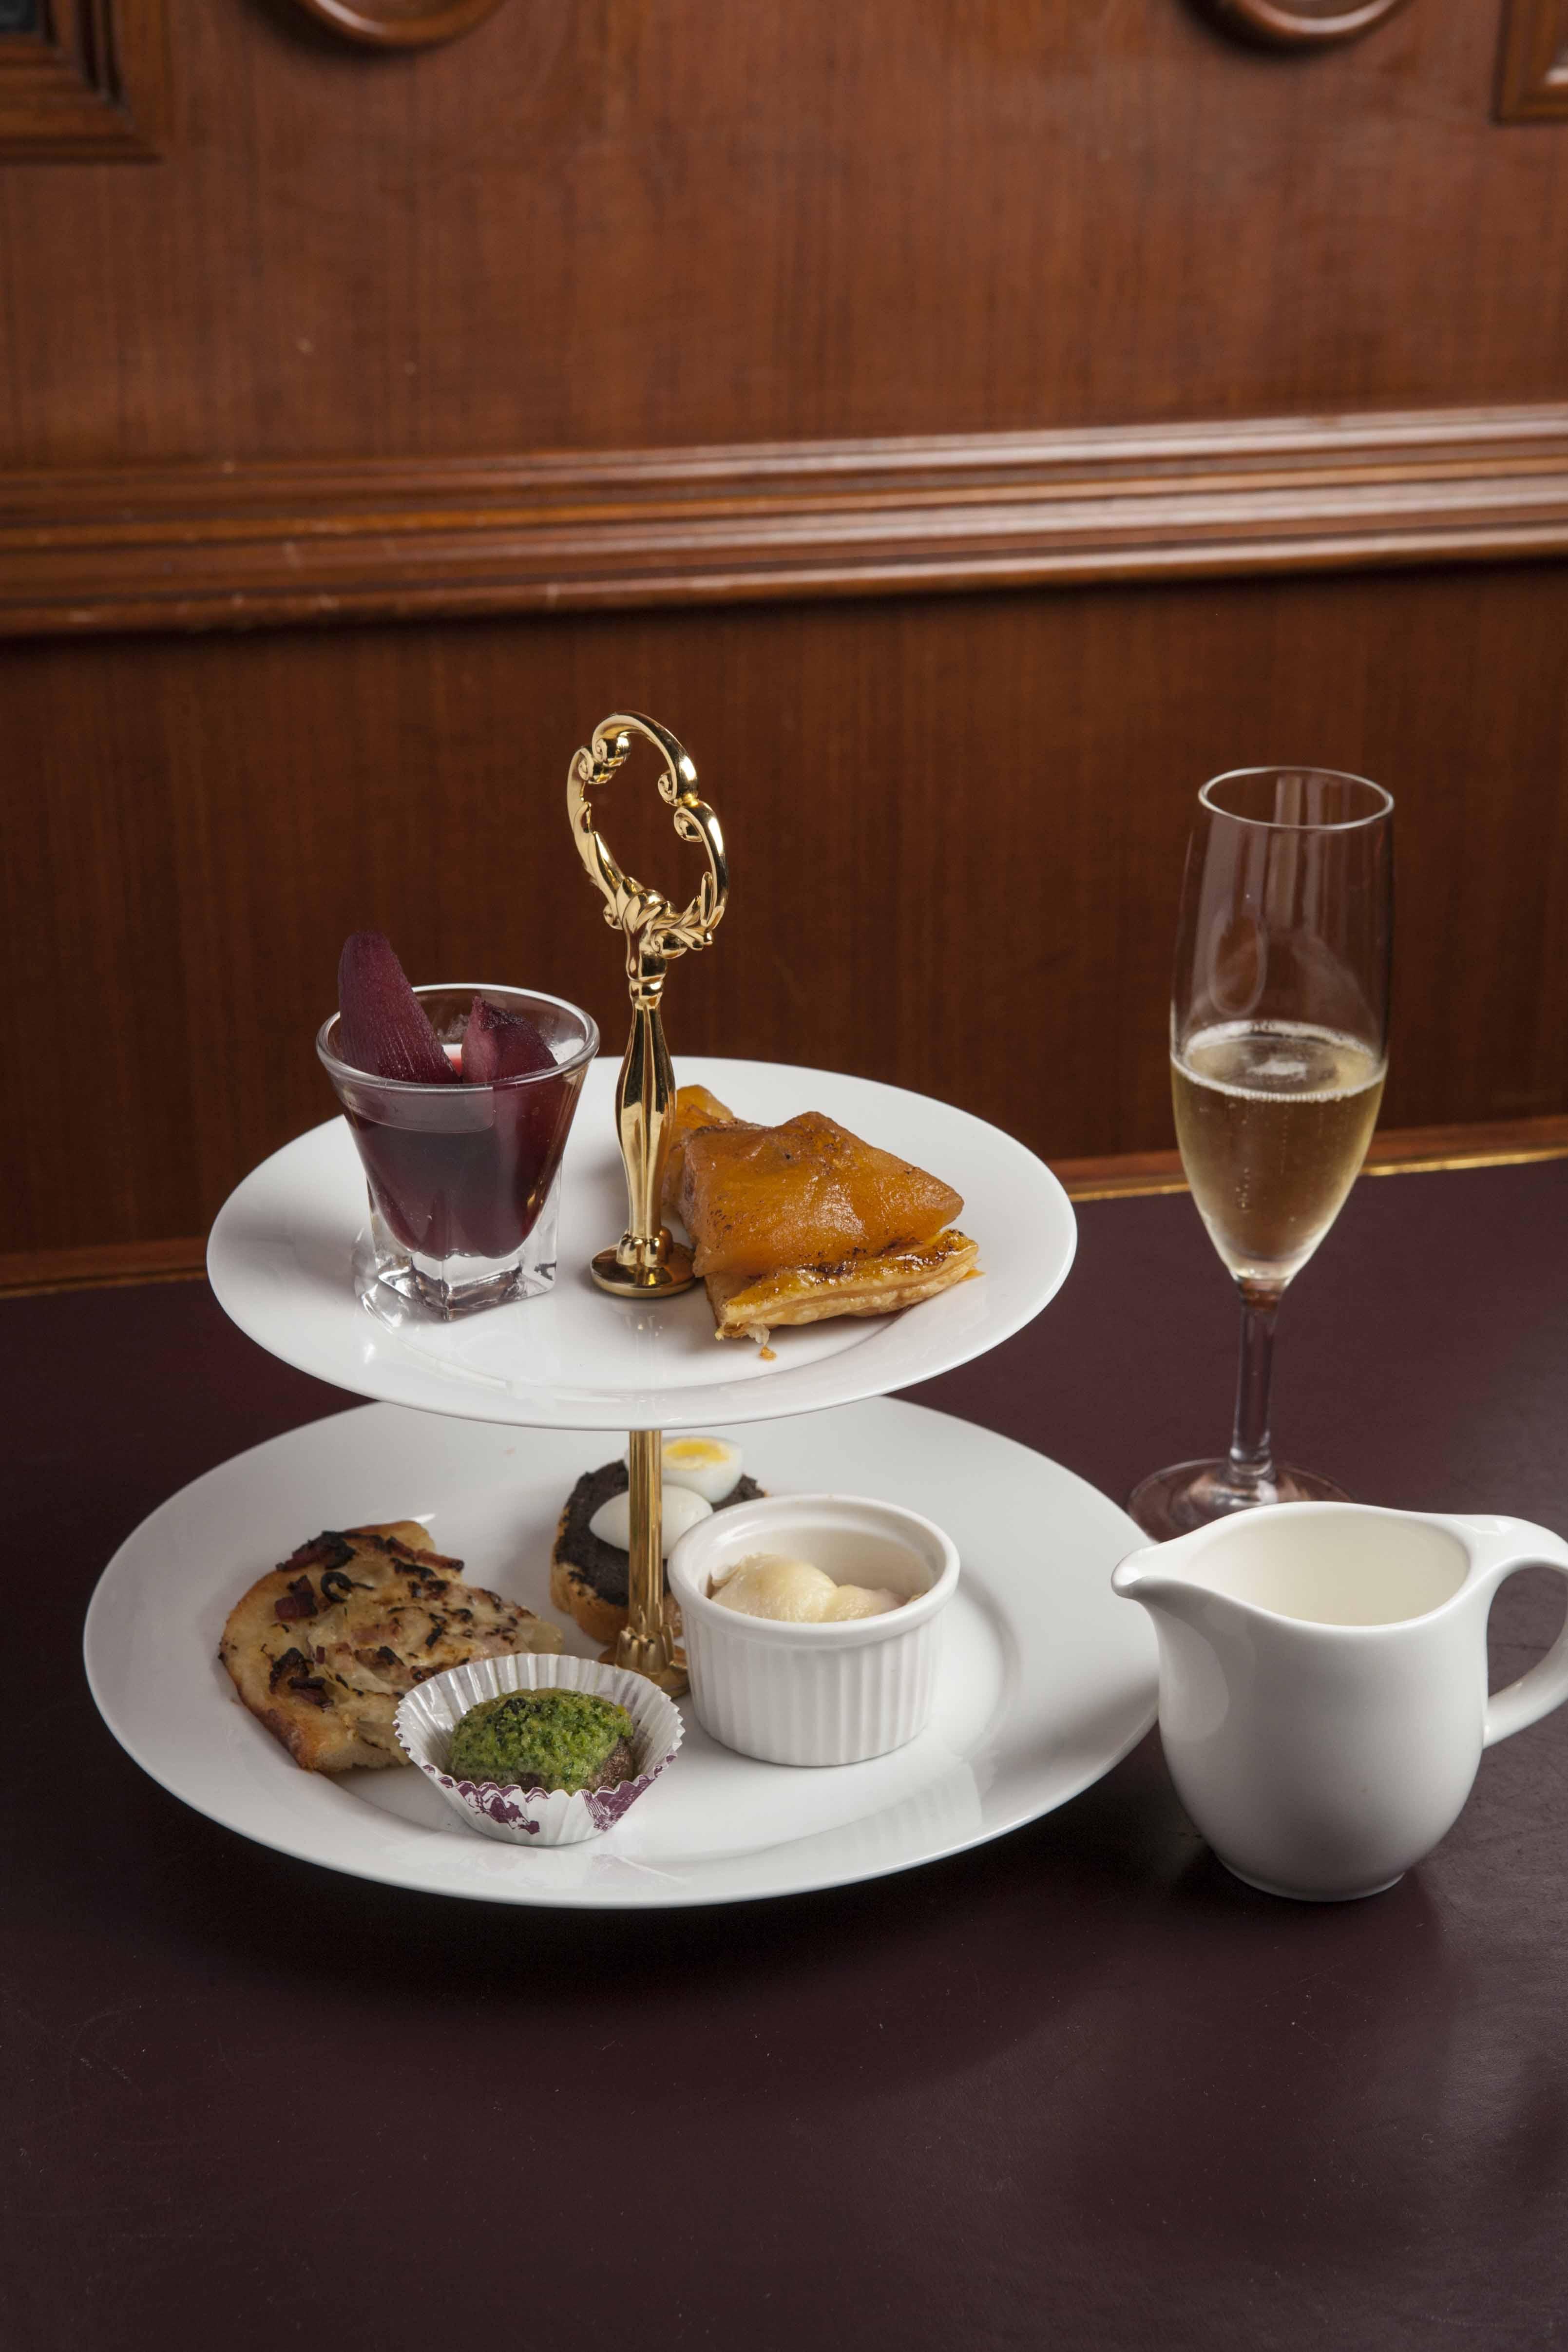 亞都麗緻大飯店巴賽麗廳 法式鄉村經典傳頌宴 午茶套餐